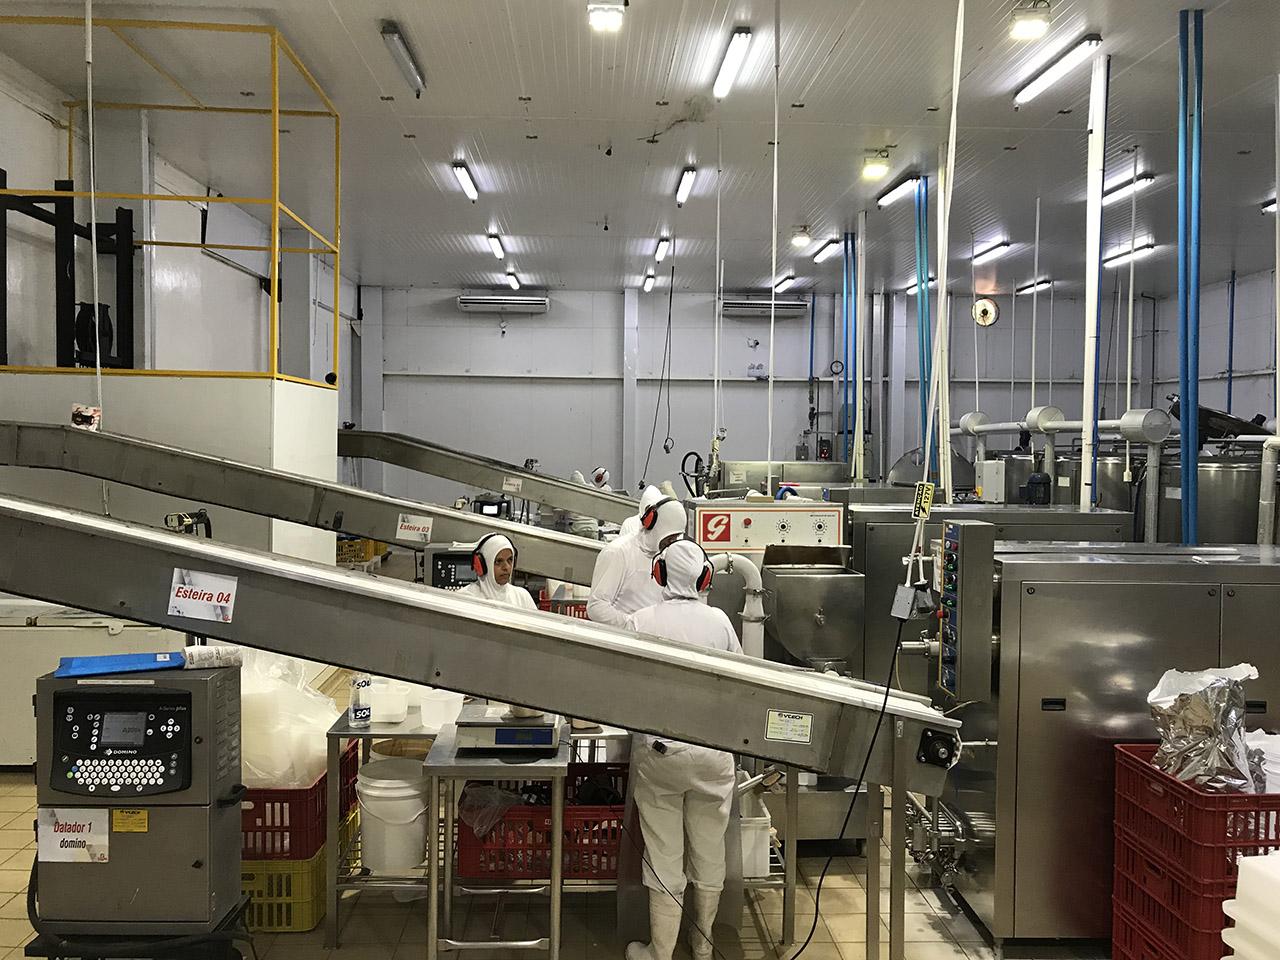 Fábrica da Geloni Sorvetes produz até 50 mil litros de massa de sorvete e 60 mil picolés por turno, com potencial de produzir ainda mais. Foto: Divulgação/Site.